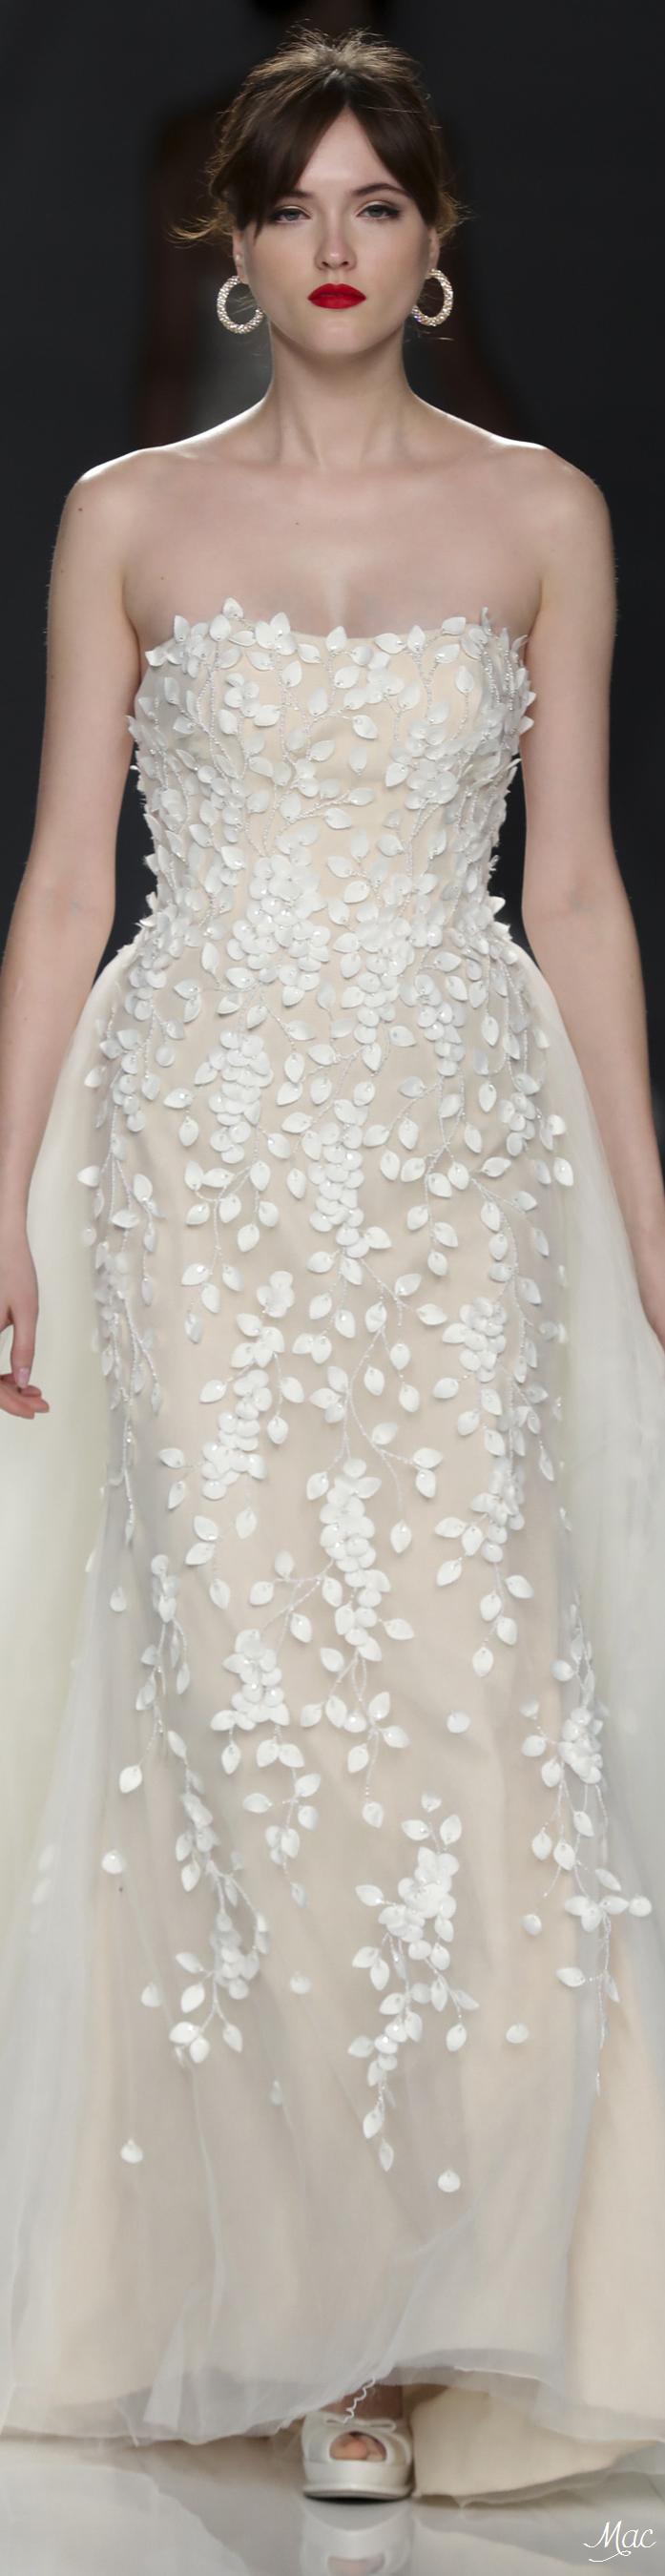 Spring bridal demetrios demetrios bridal couture